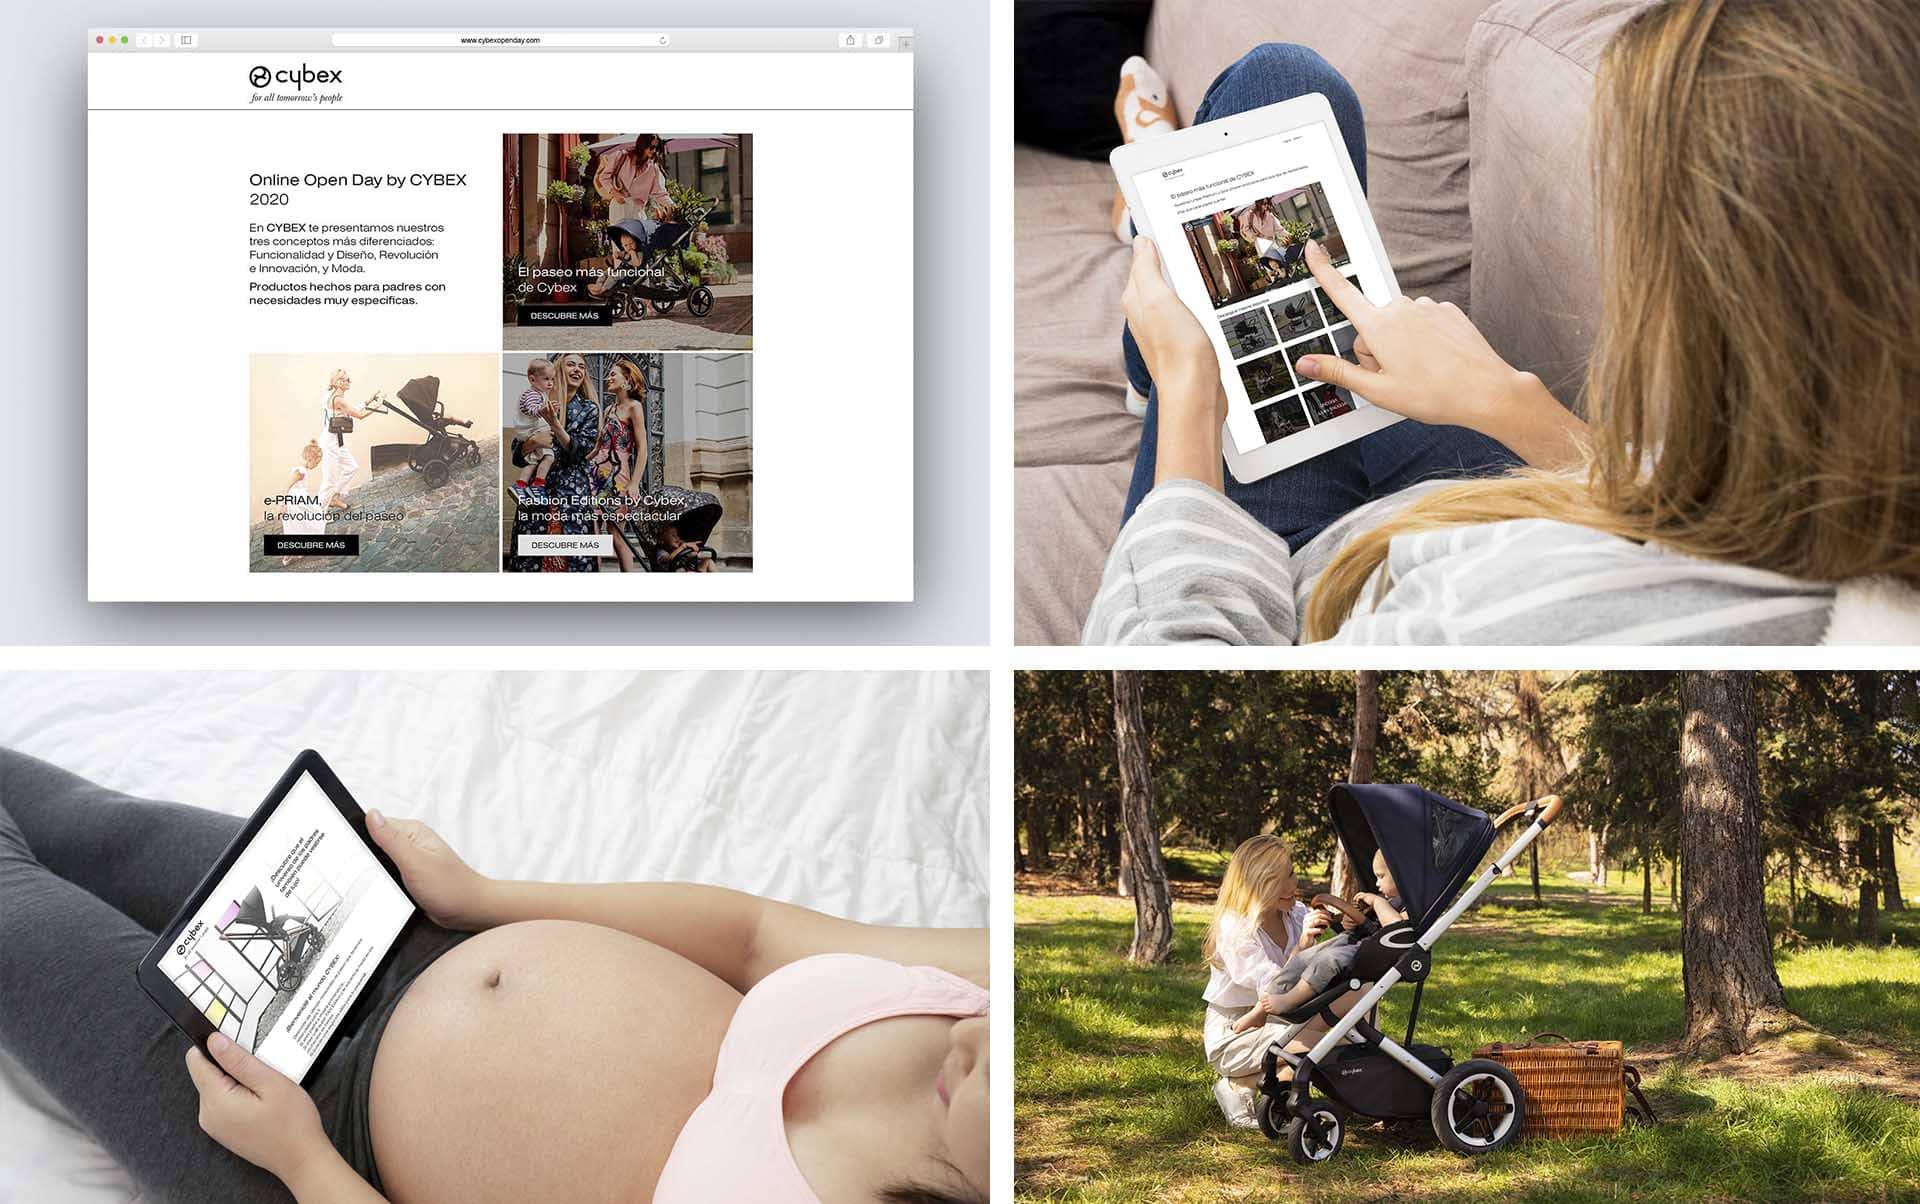 03 Evento para retail presentacion online - Evento on-line de presentación de producto